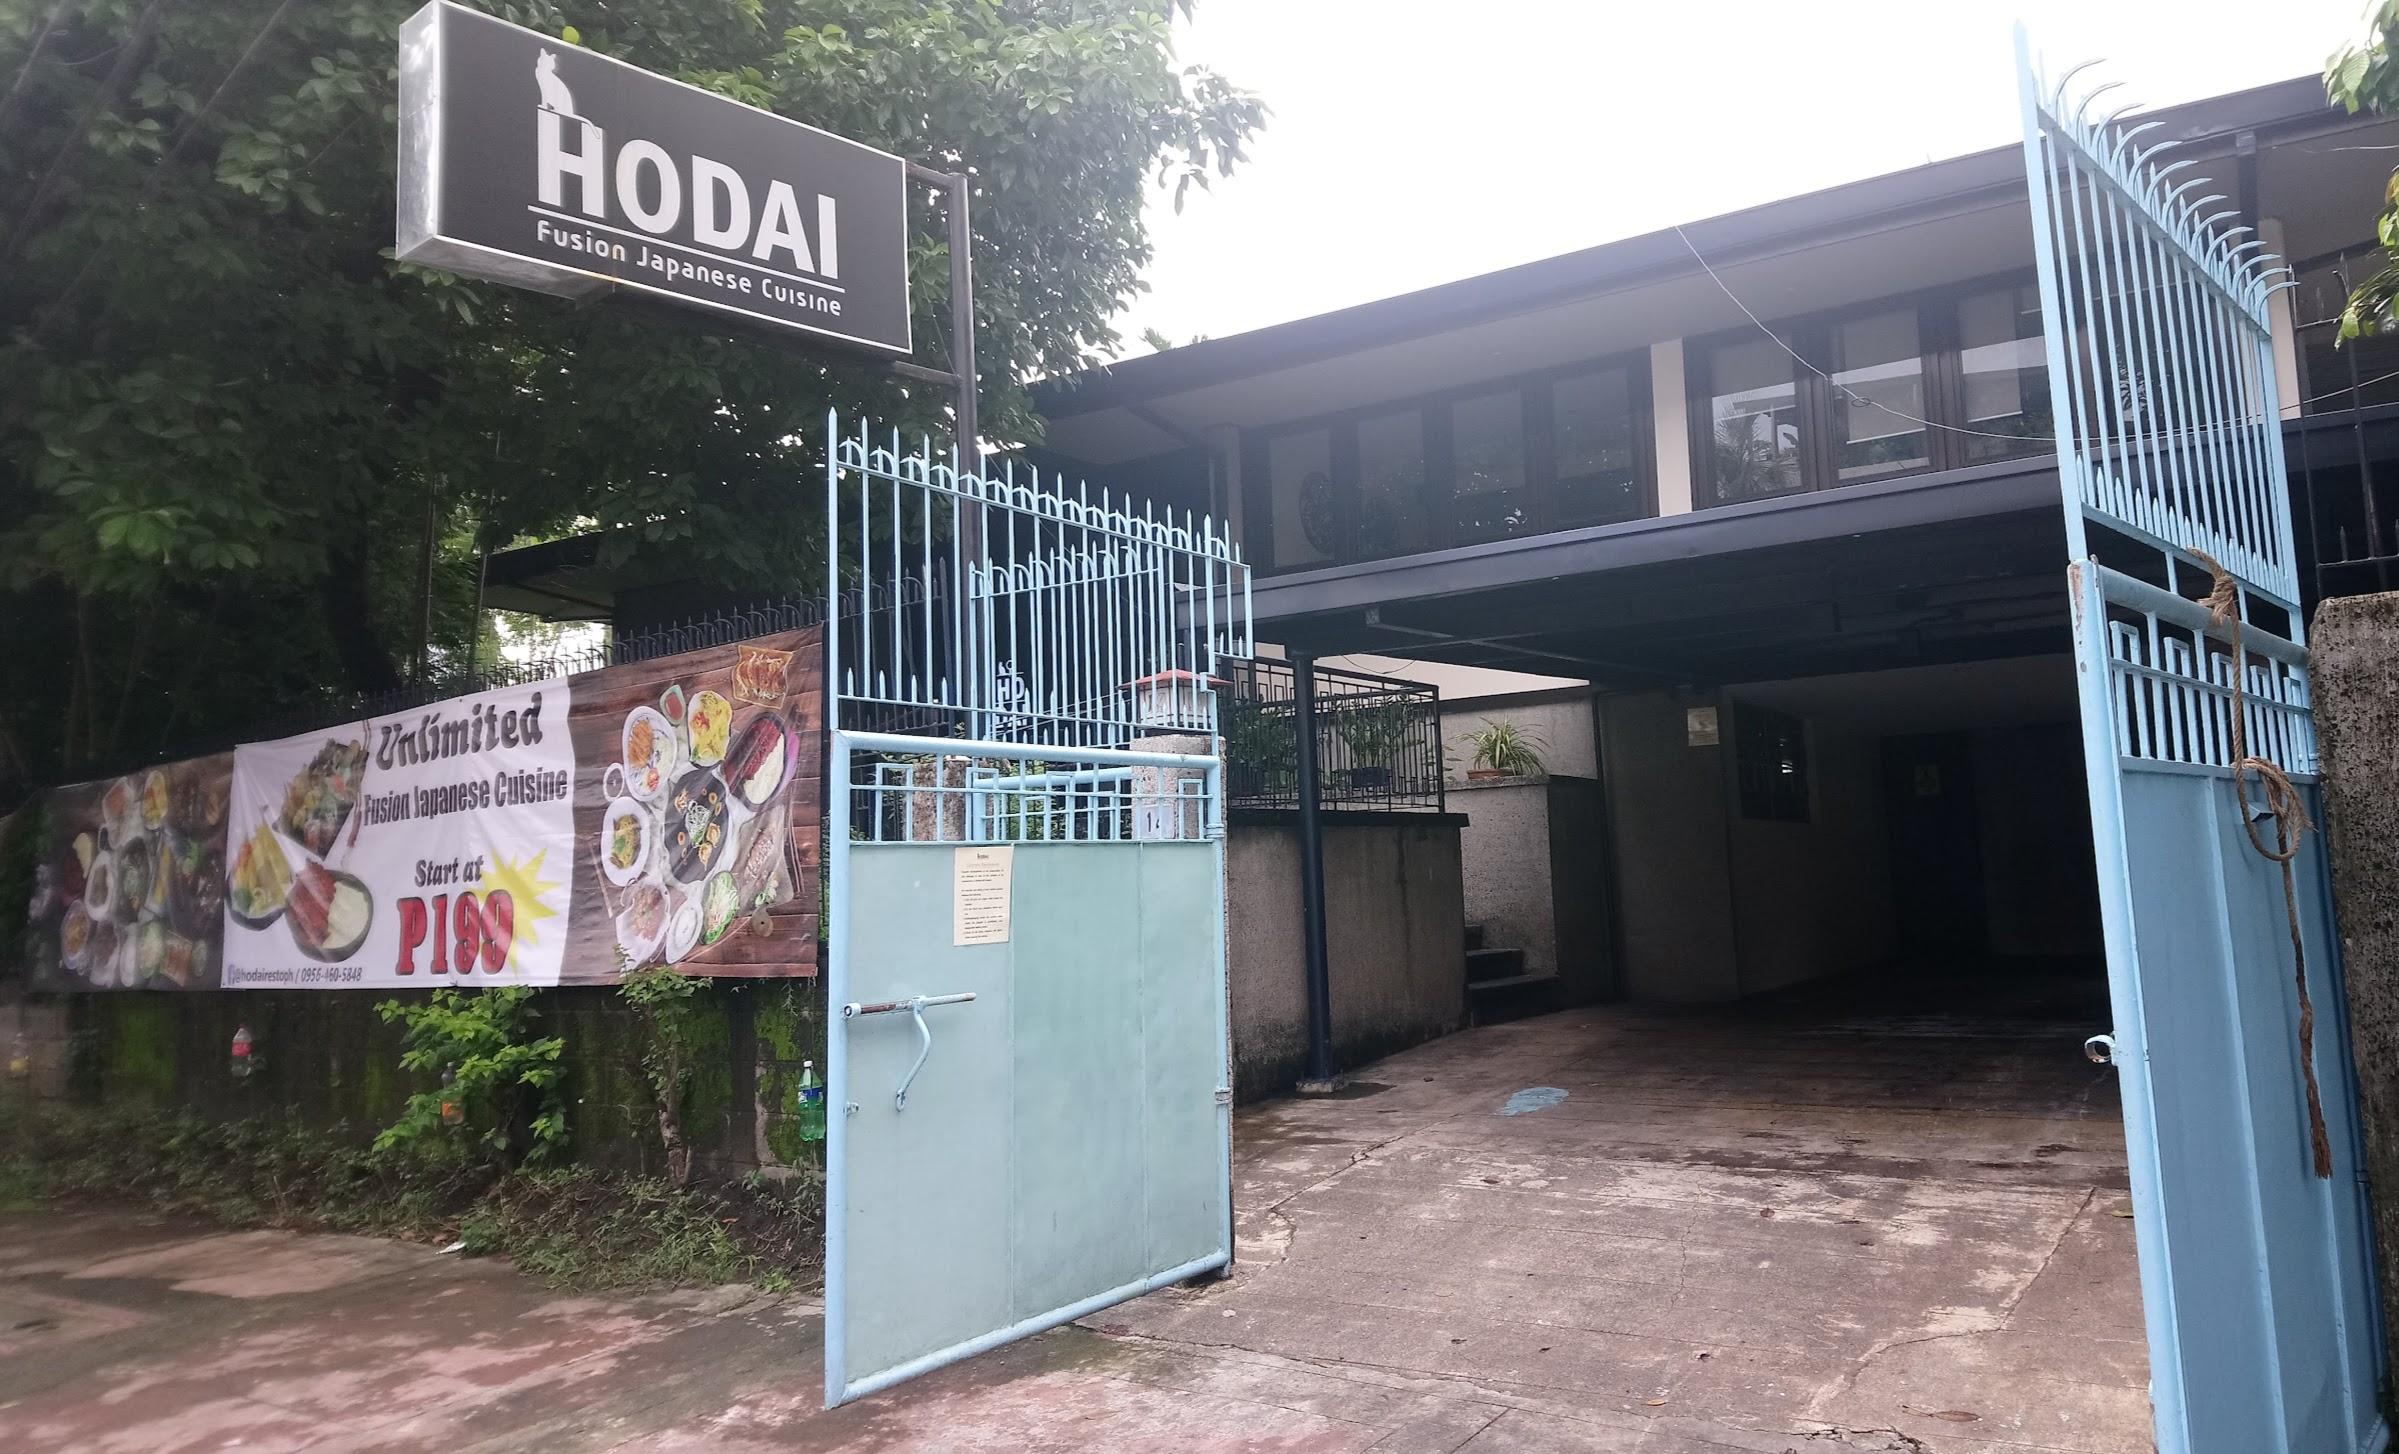 Hodai